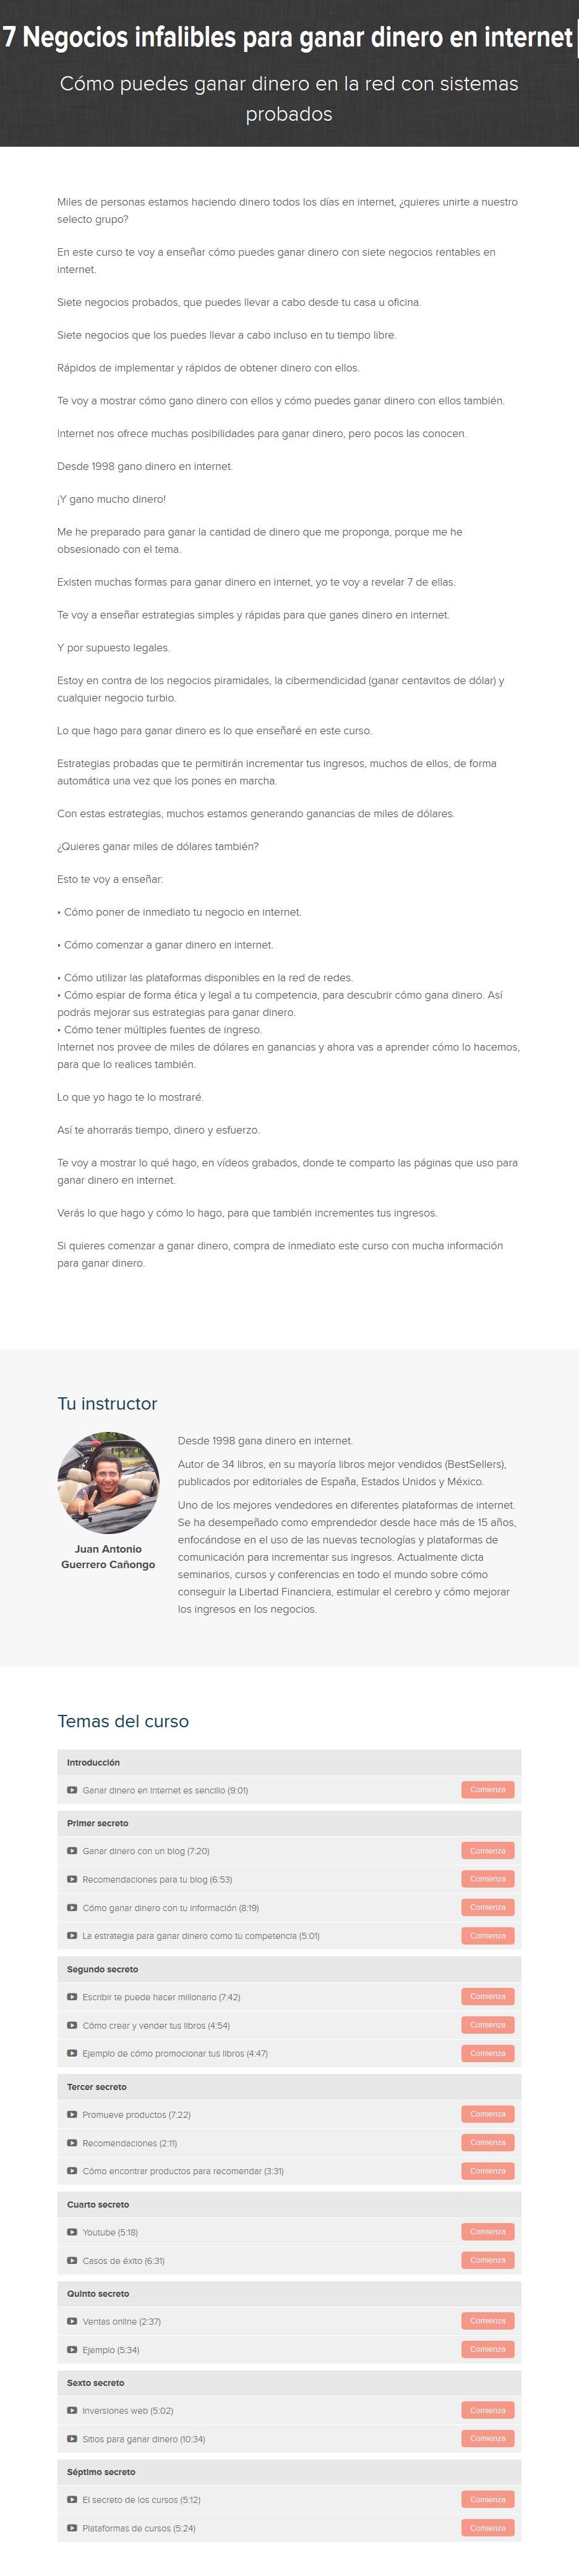 7 Negocios Infalibles Para Ganar Dinero en Internet - Juan Guerrero